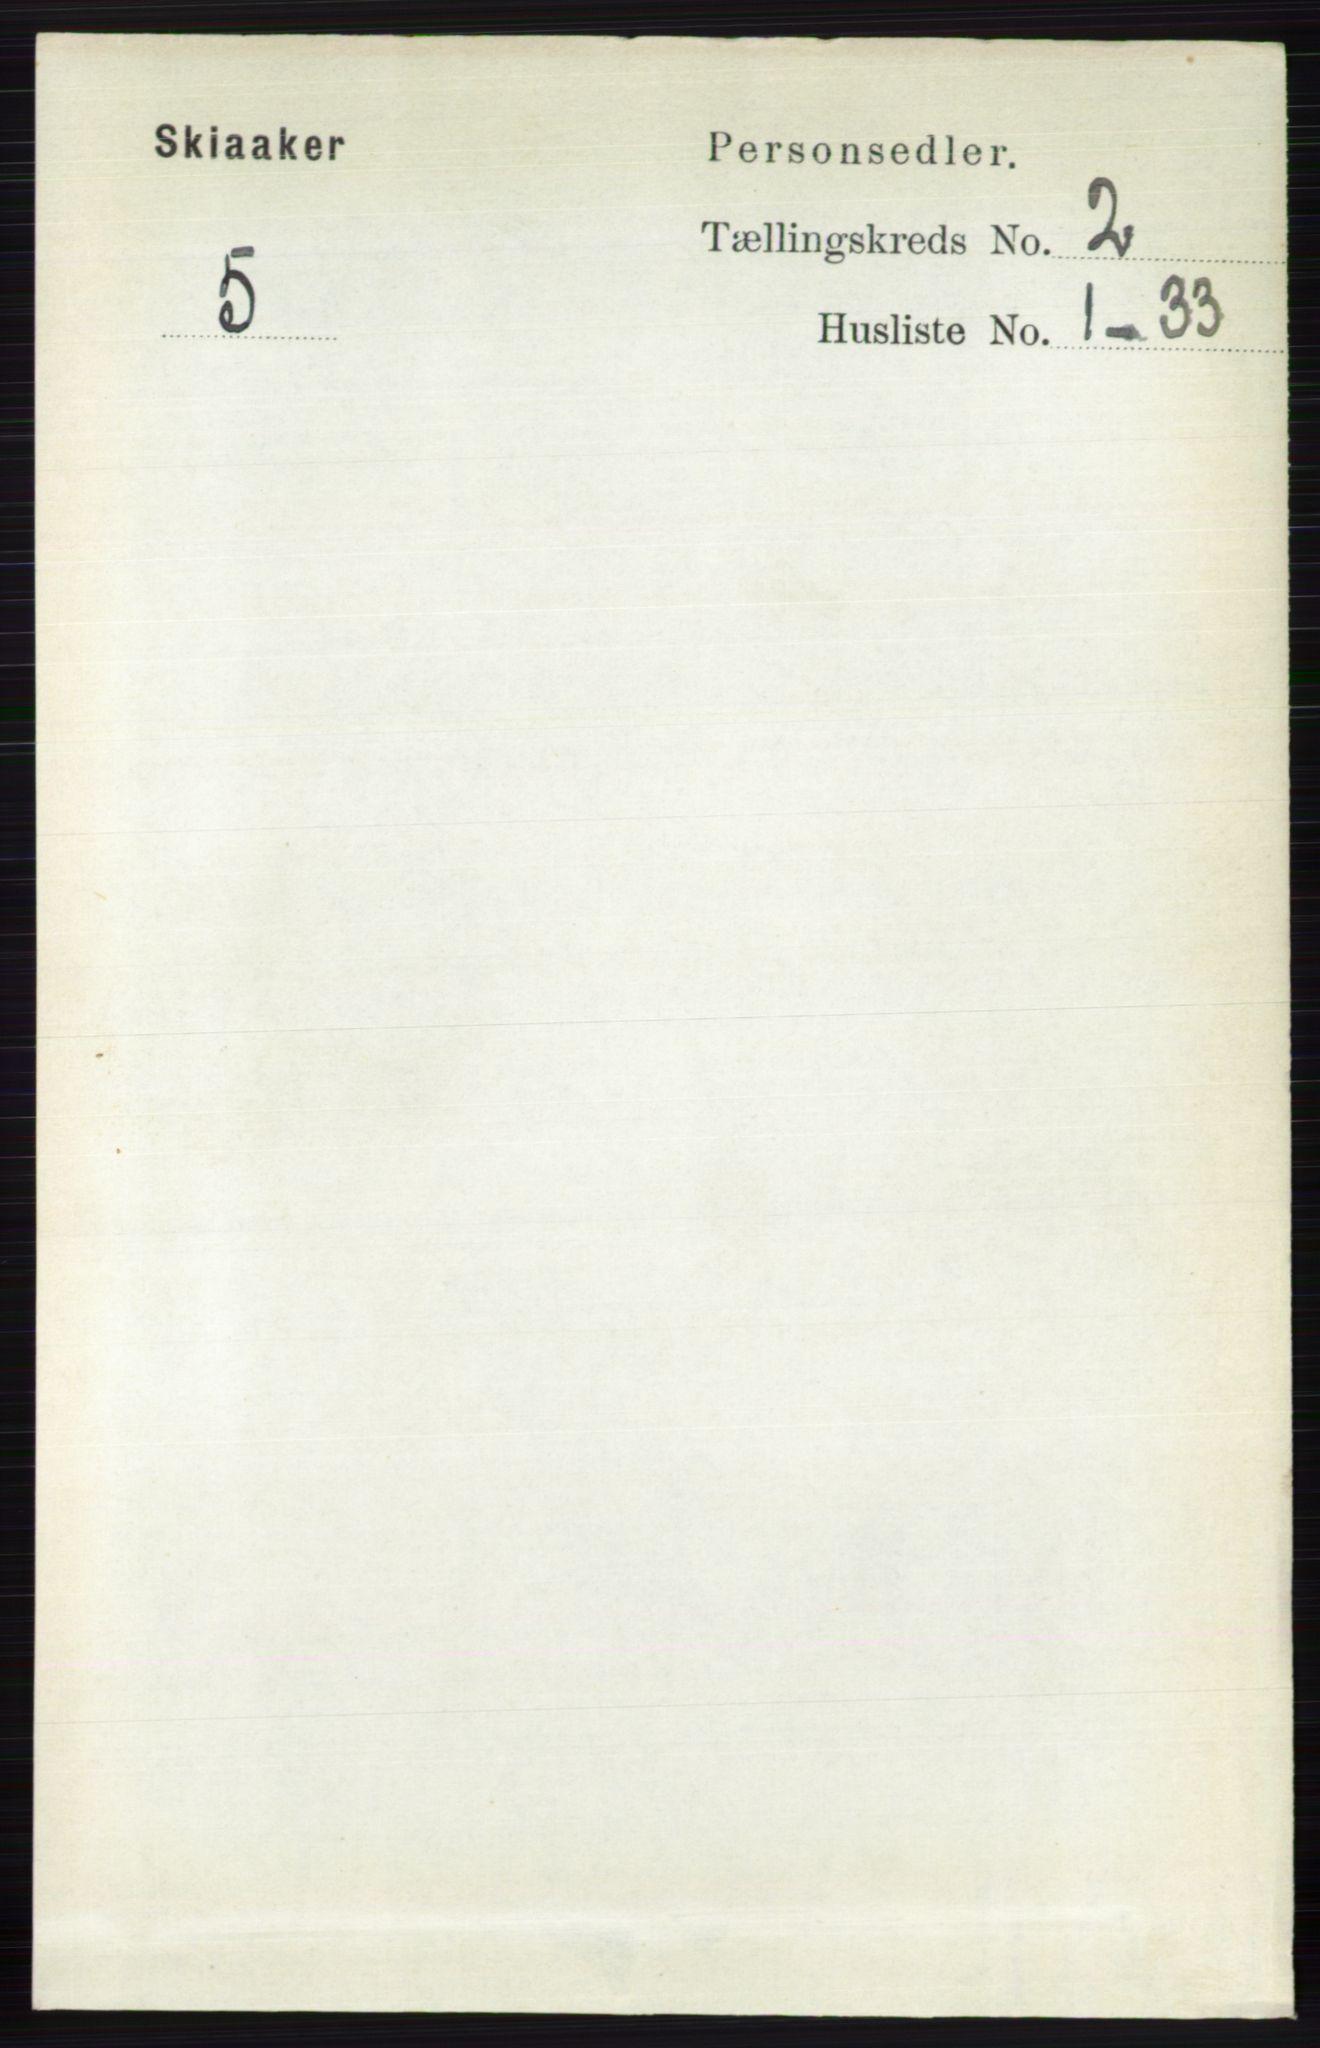 RA, Folketelling 1891 for 0513 Skjåk herred, 1891, s. 537